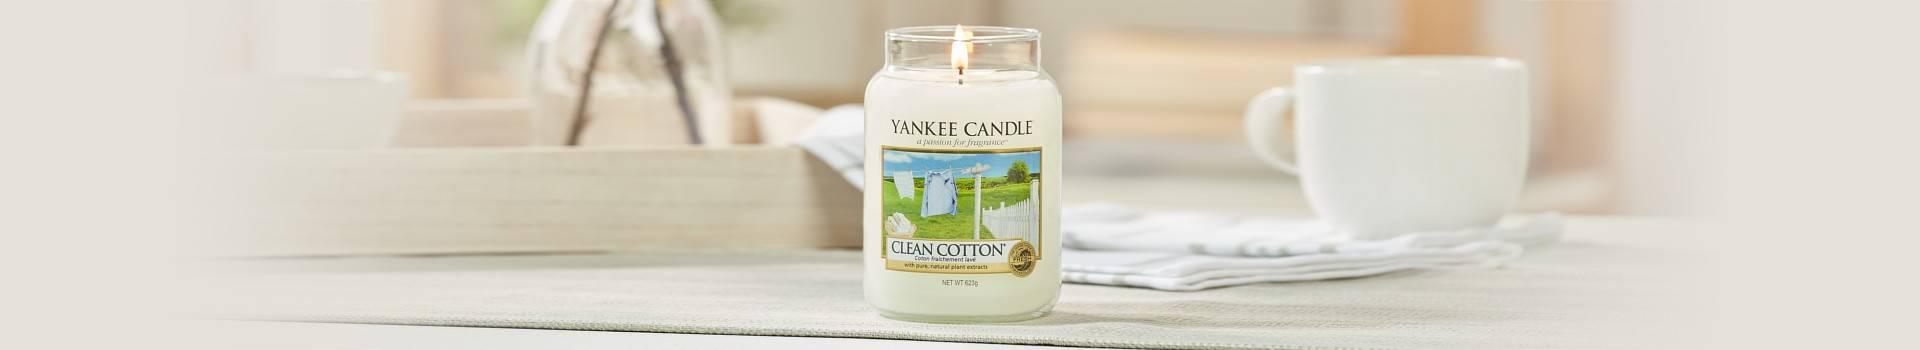 Sveži vonji